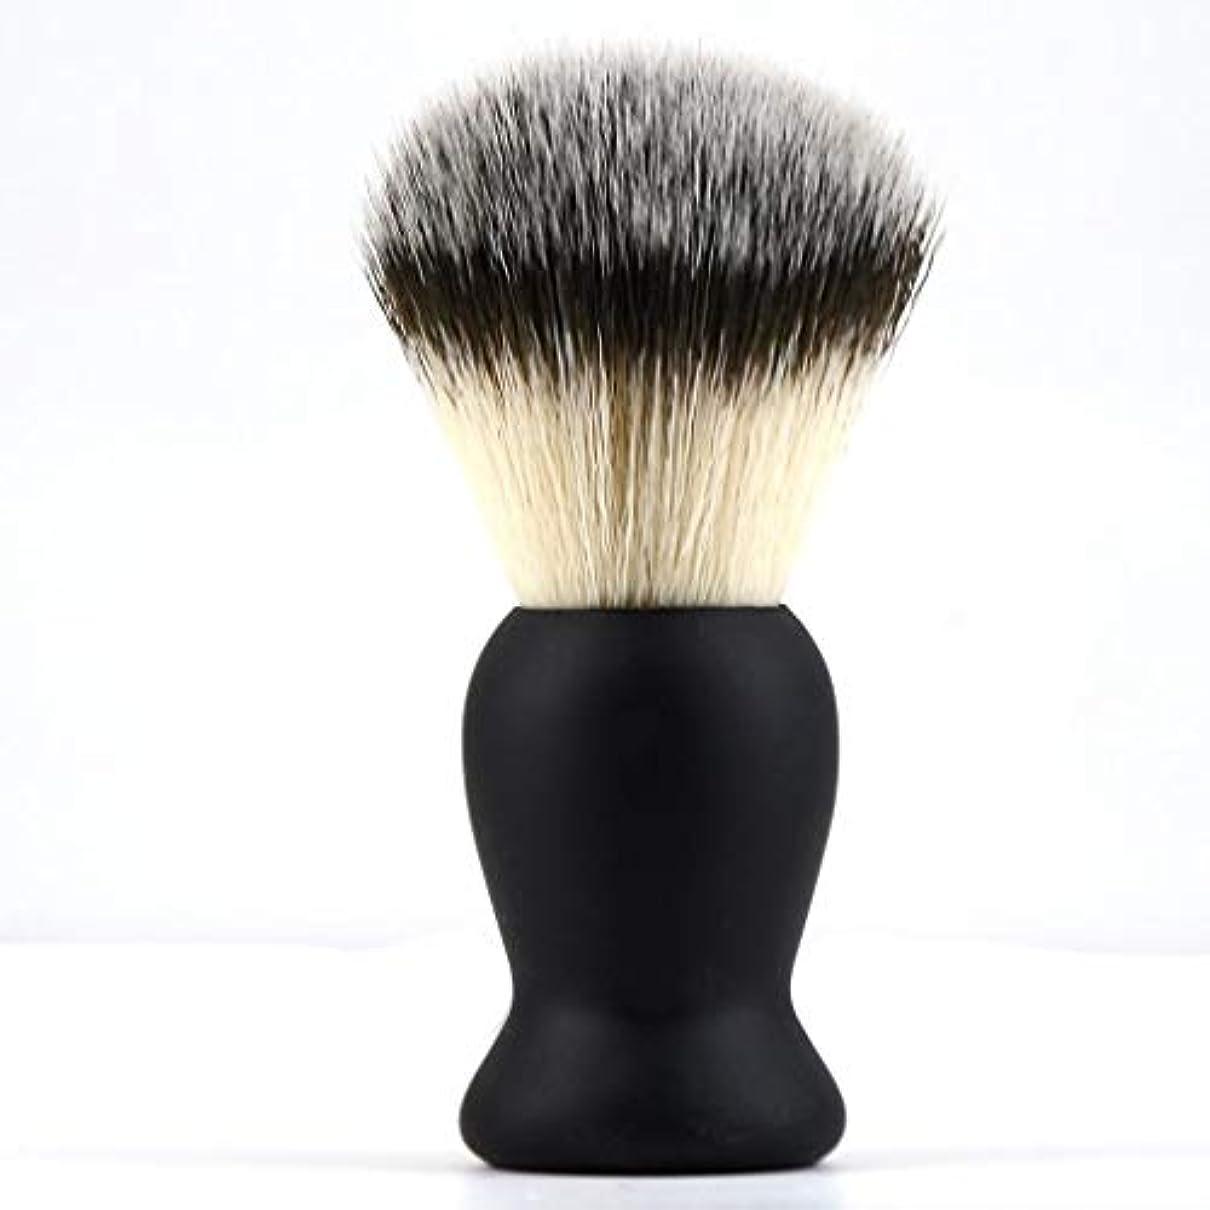 評価可能アラーム時々Hellery 髭剃り ブラシ シェービングブラシ ひげブラシ サロン ナイロン毛 柔らかい ひげ剃り 理容 便携